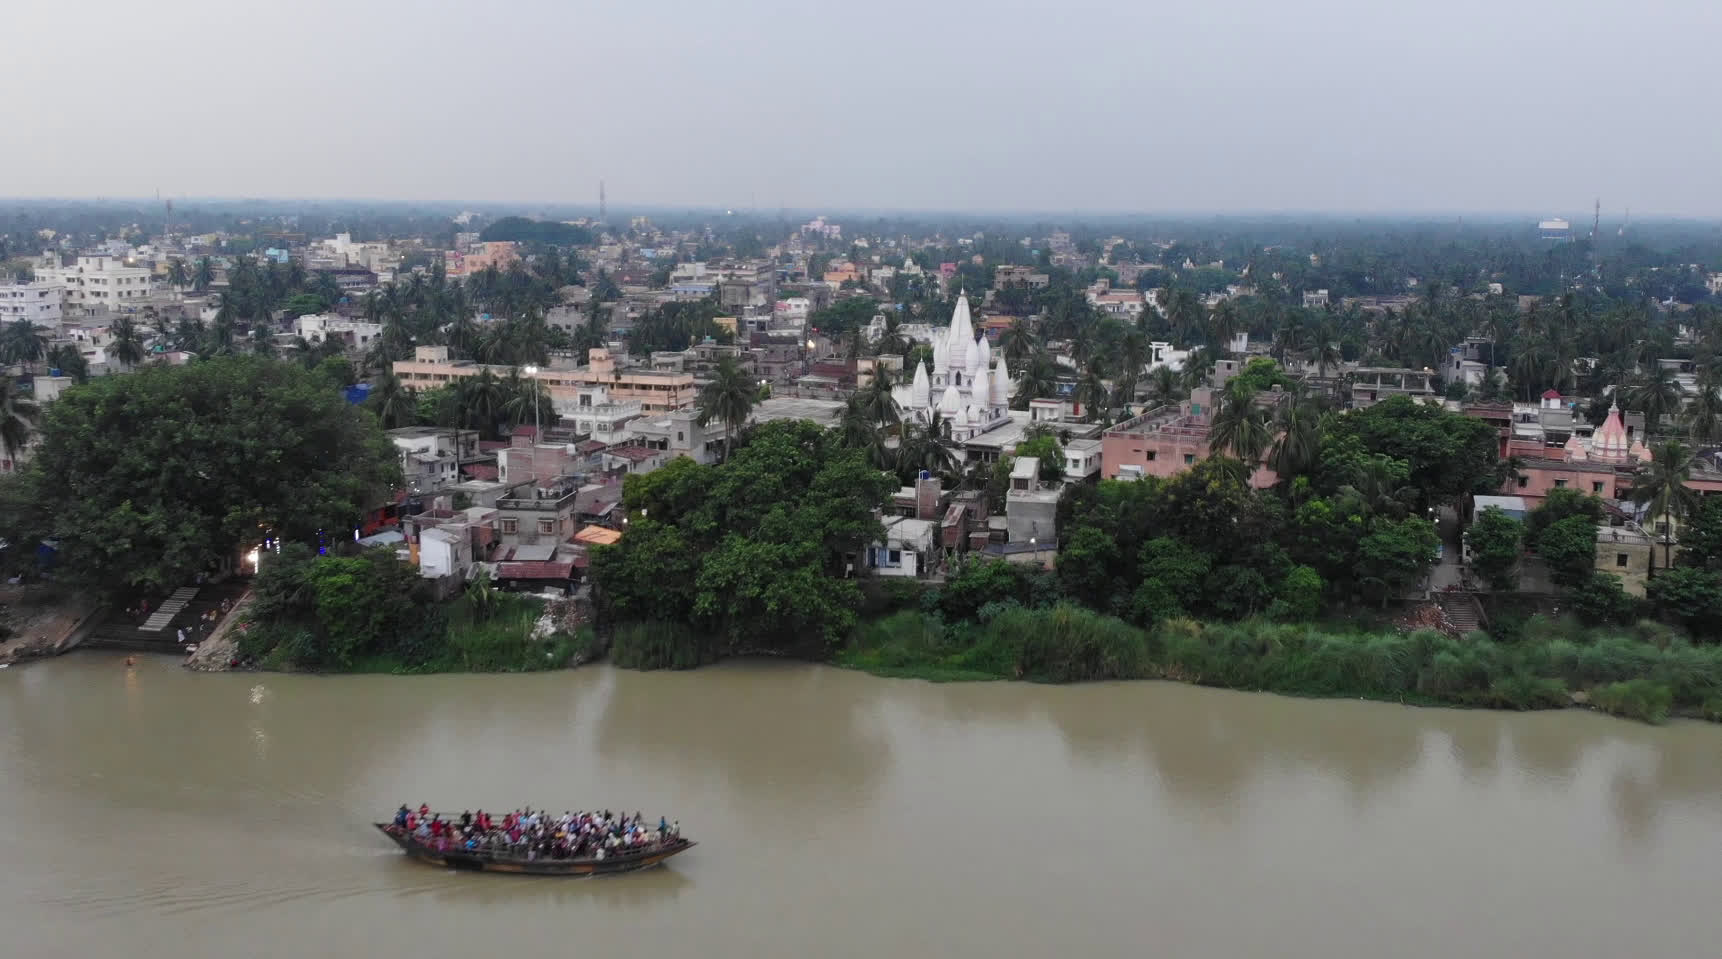 नबद्वीप – बंगाल की प्राचीन राजधानी